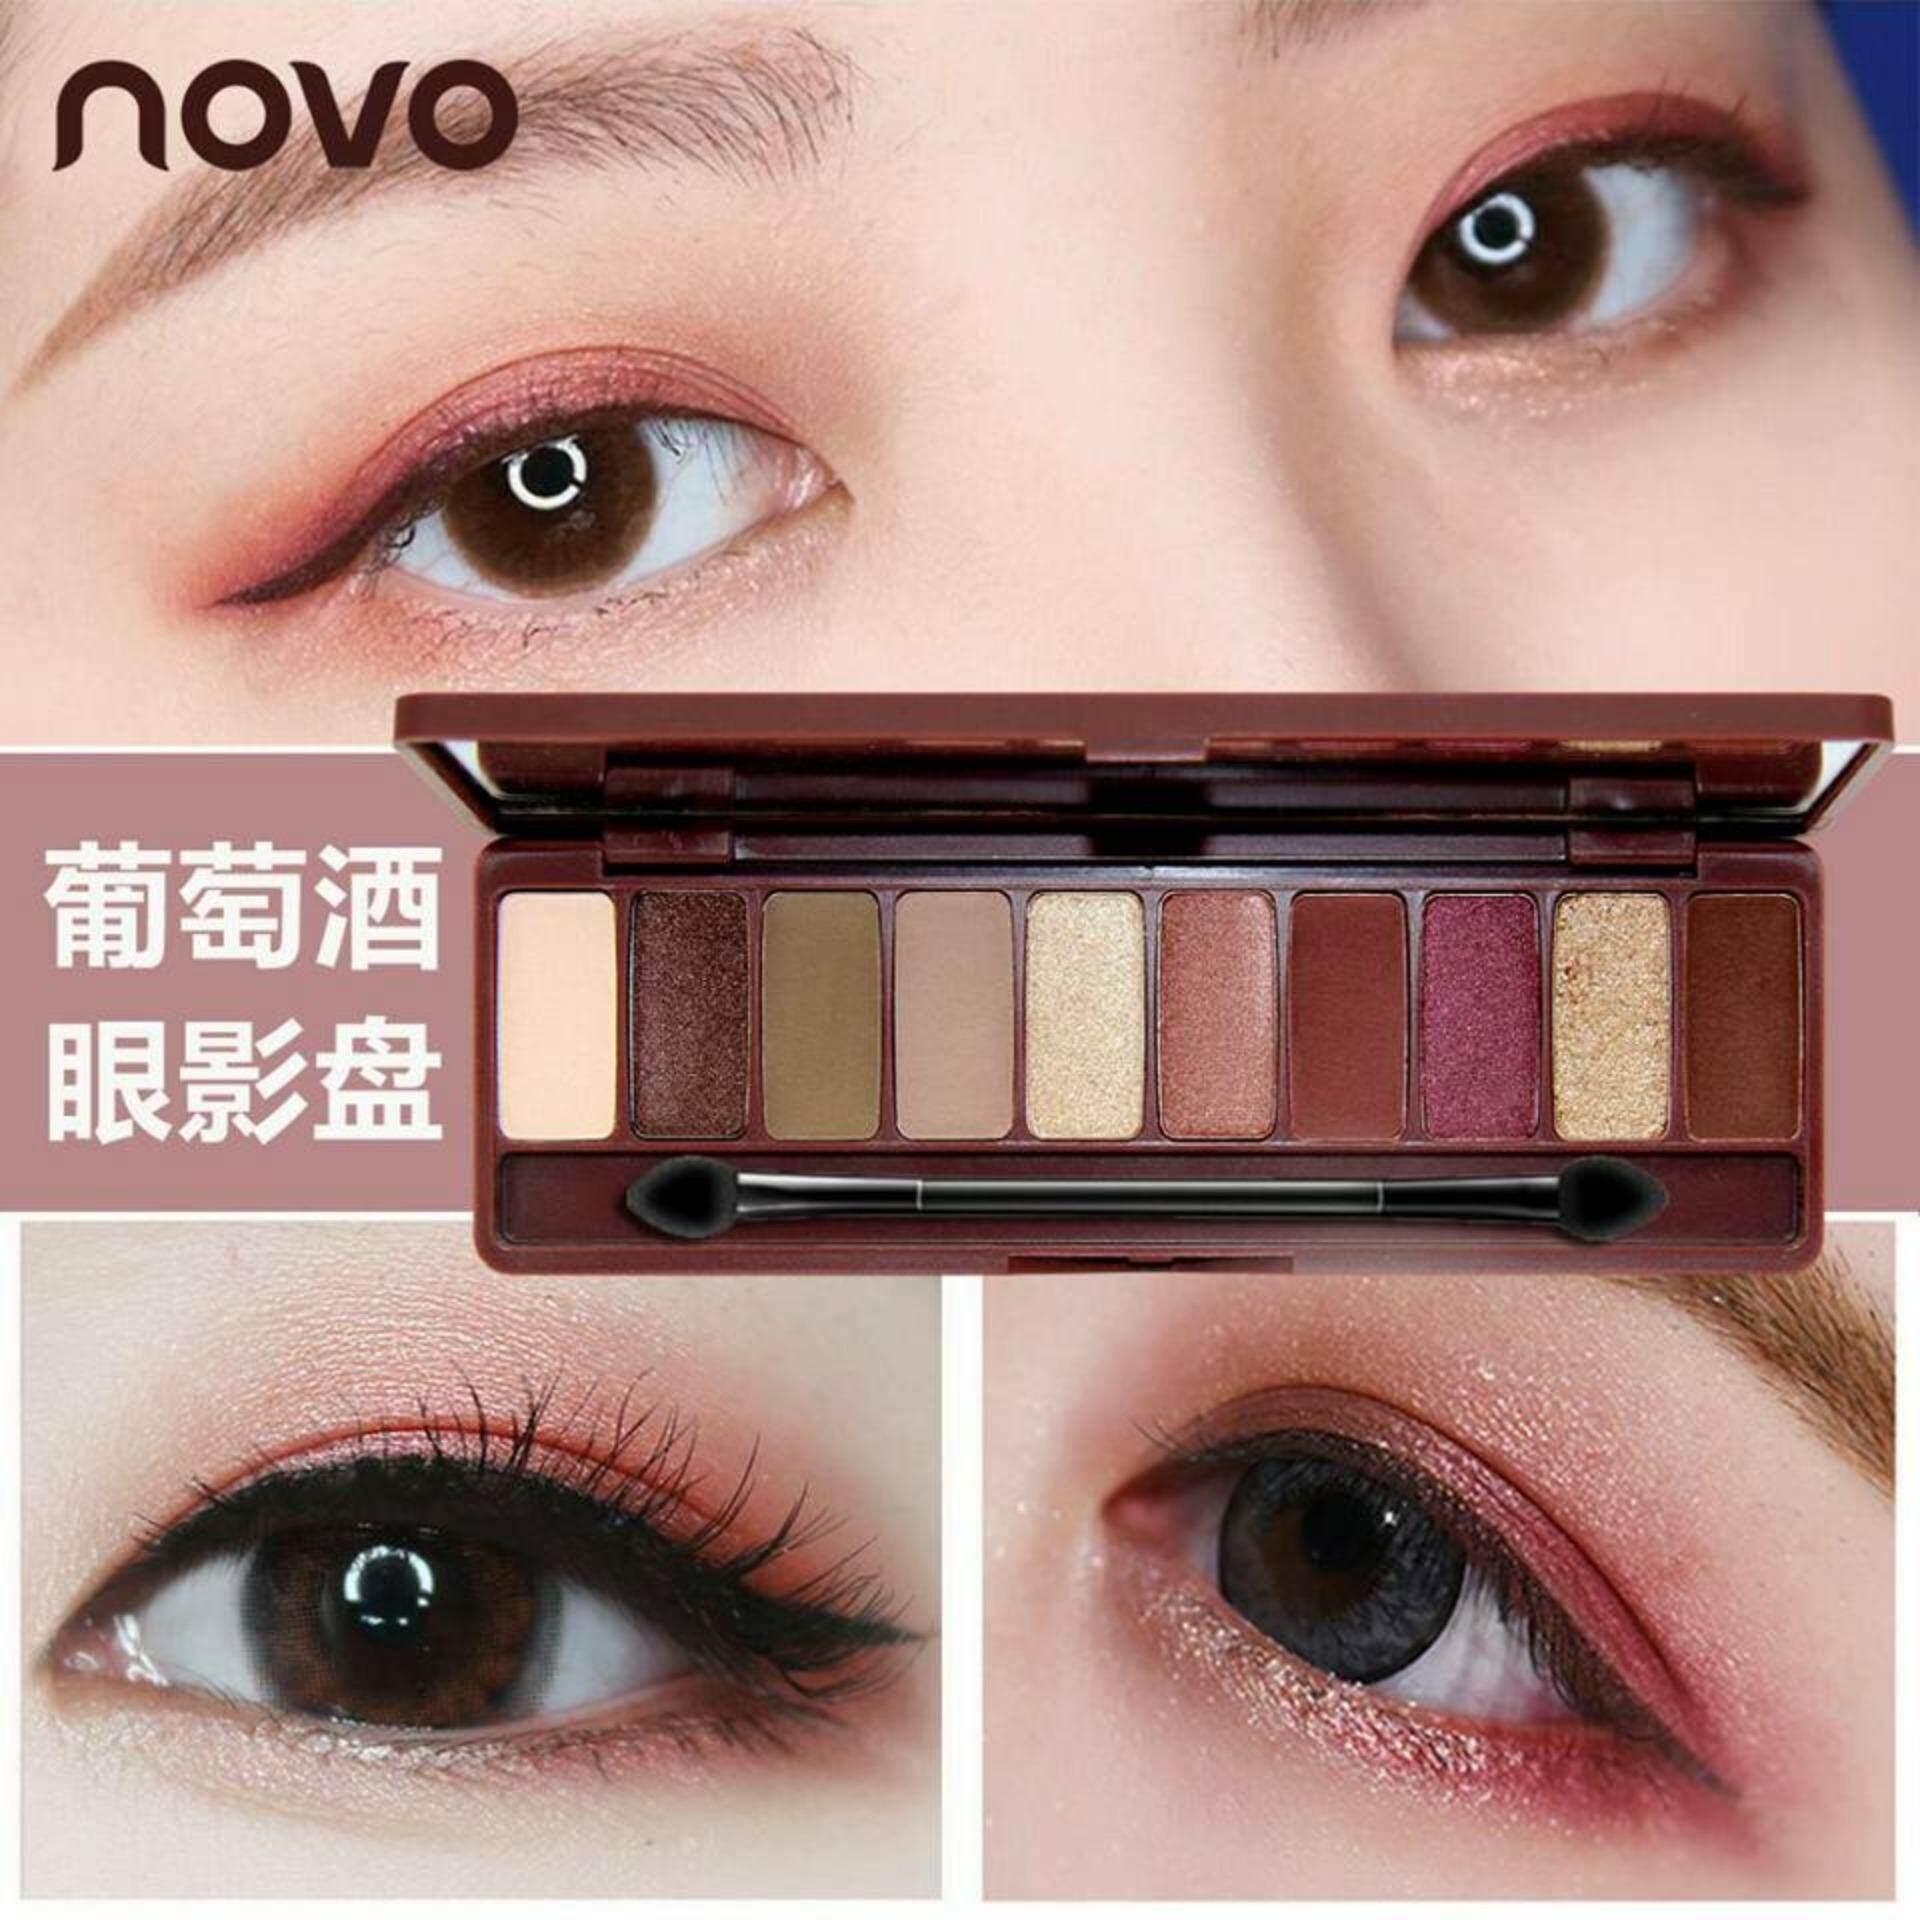 ราคา Novo Play Color Eyeshadow Palette อายแชโดว์ 10 สี ในตลับเดียว 1 ตลับ Lemony Shop เป็นต้นฉบับ